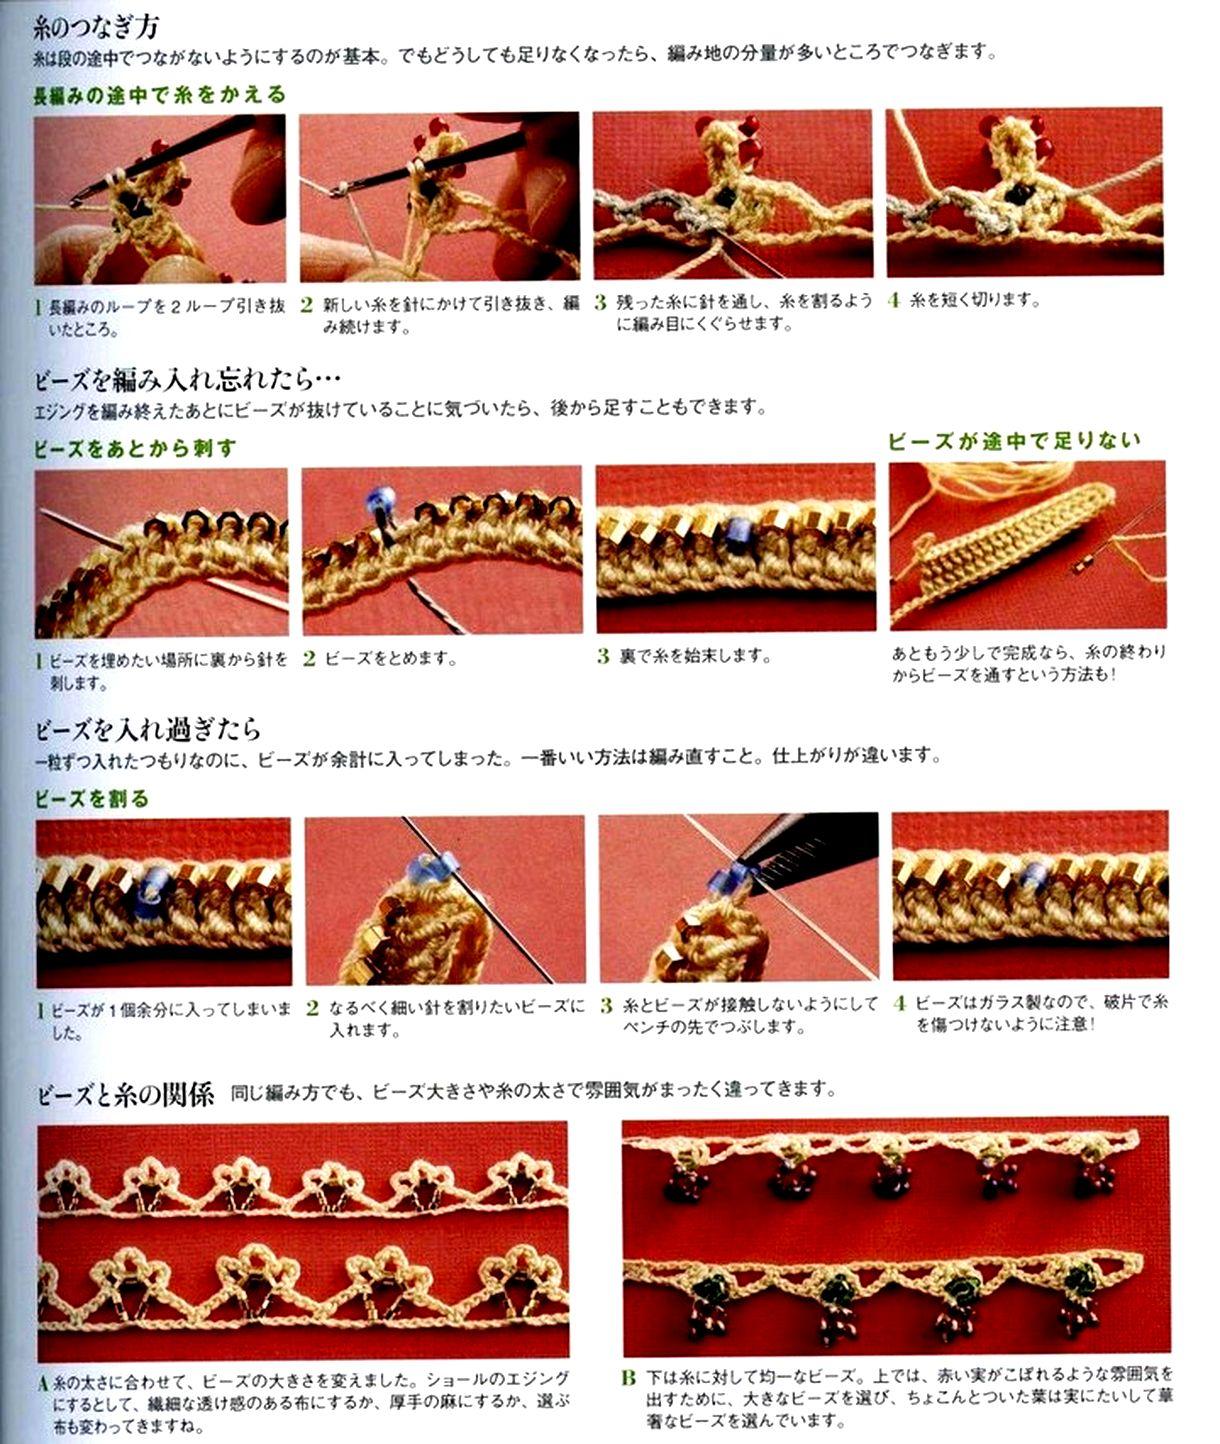 Мульт-мастер-класс от Энн Бенсон по вязанию жгута из бисера крючком. .  Казалось бы, скачай программу для создания...